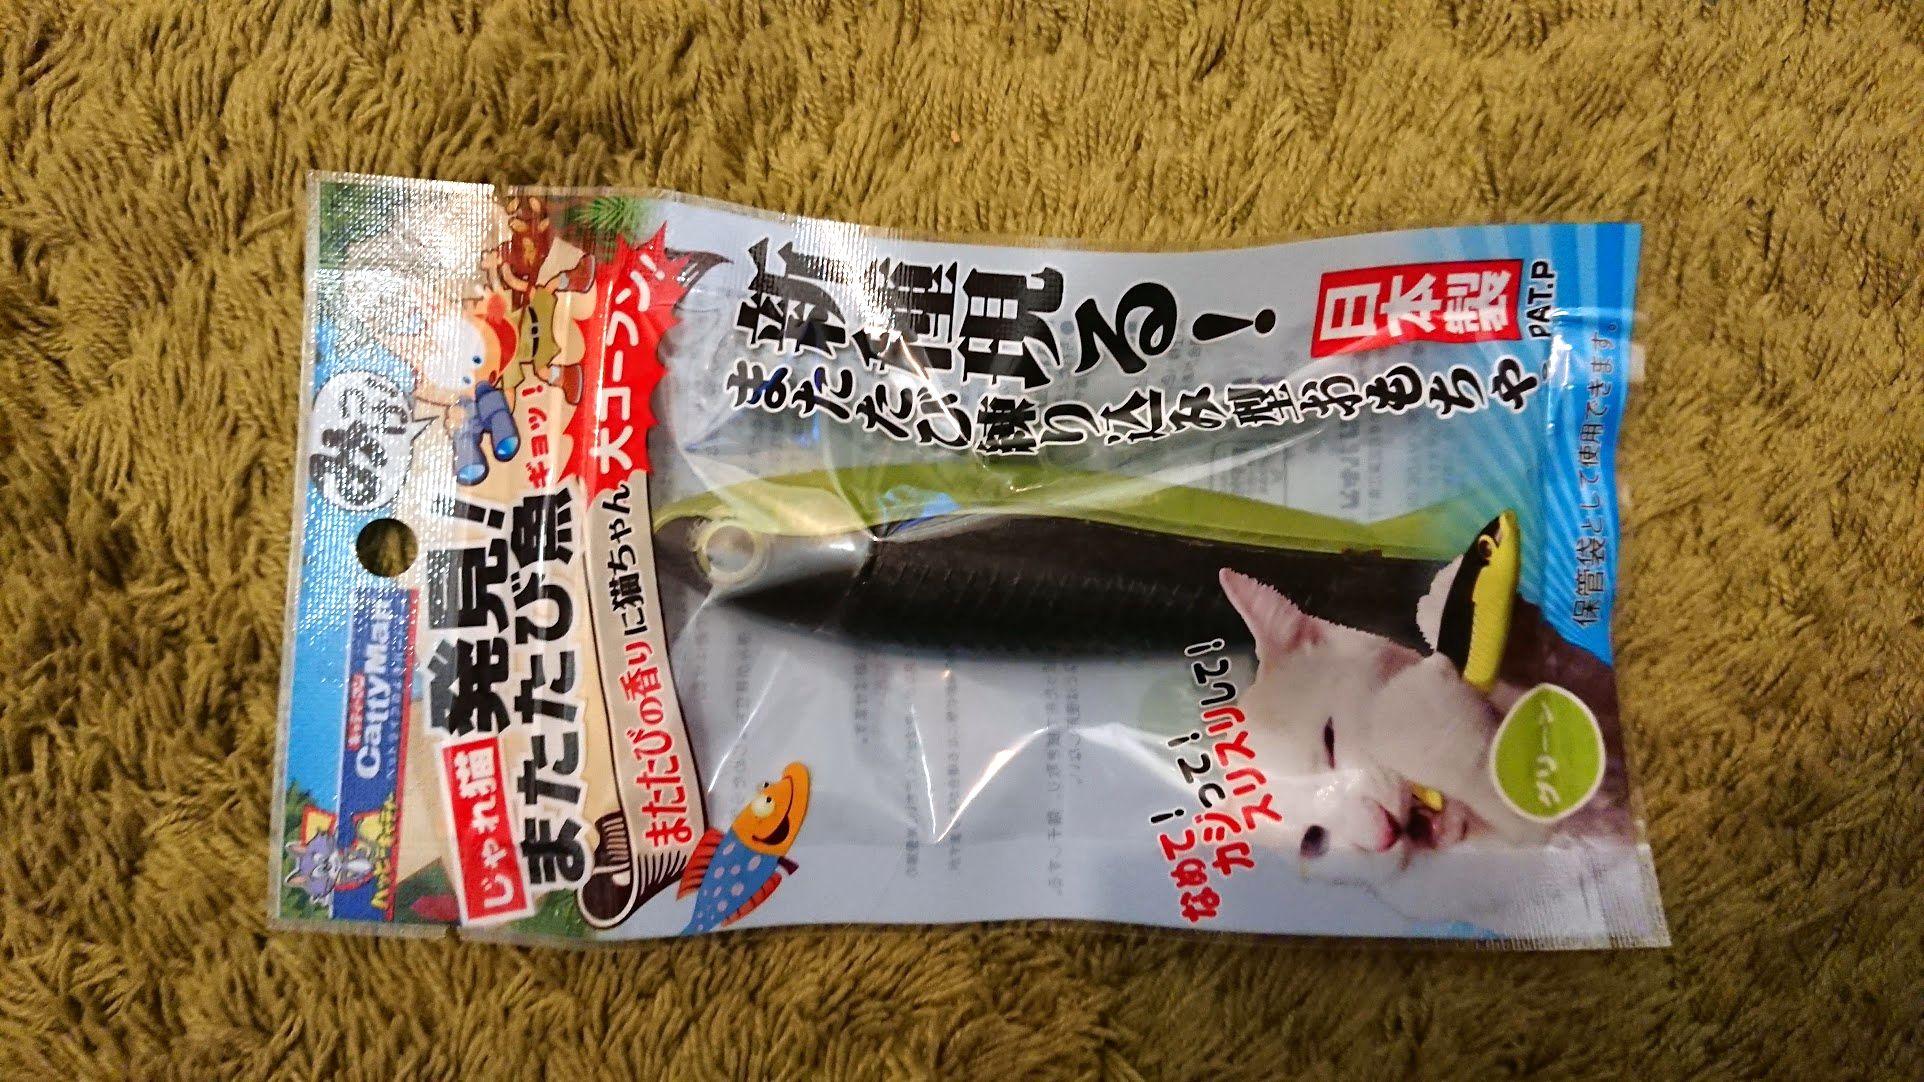 キャティーマン 「じゃれ猫 発見! またたび魚」のパッケージ。